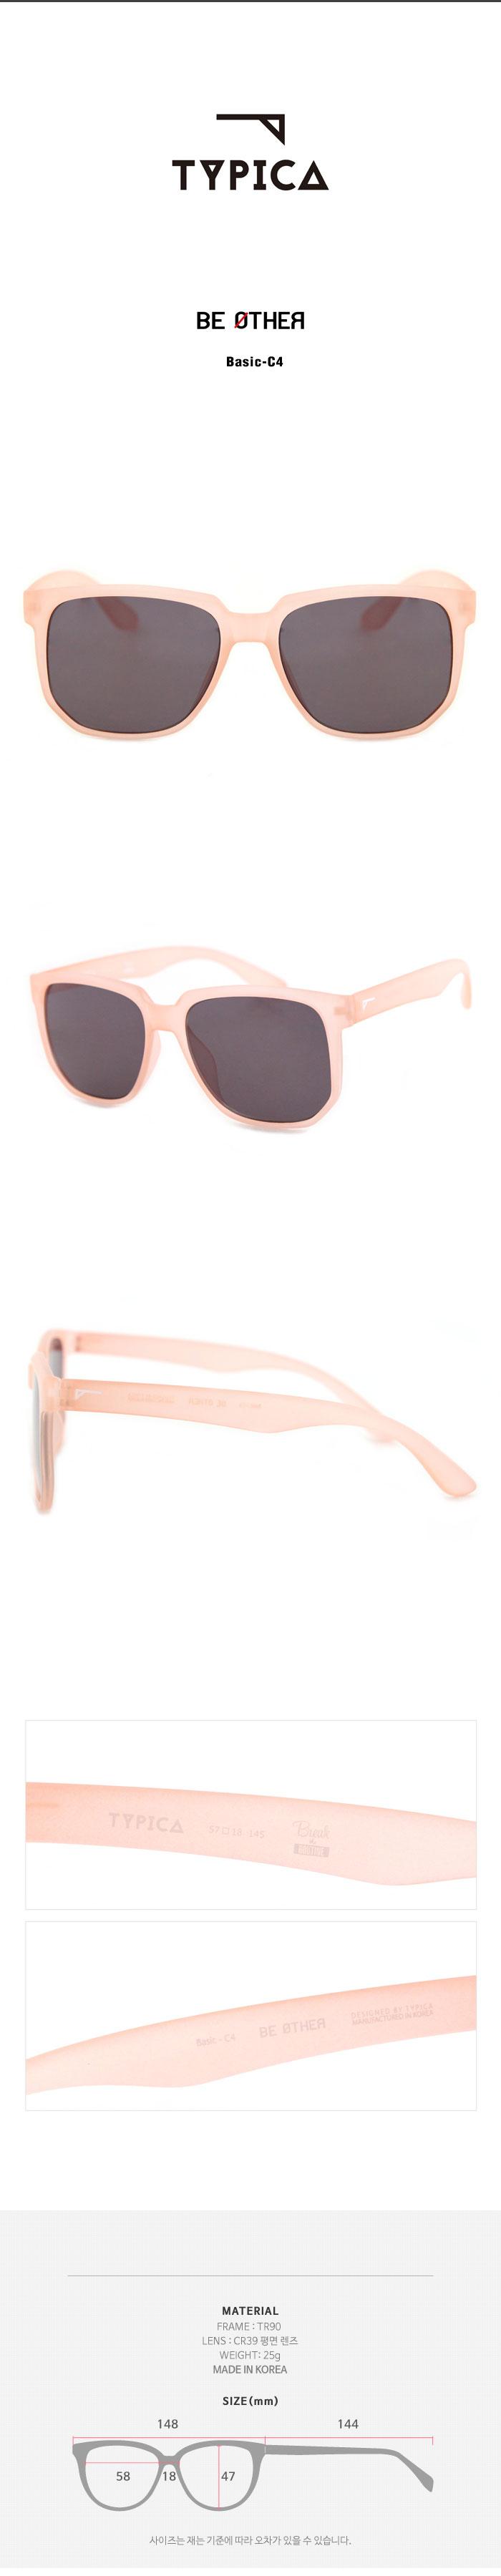 티피카(TYPICA) BE OTHER Basic-C4 패션선글라스